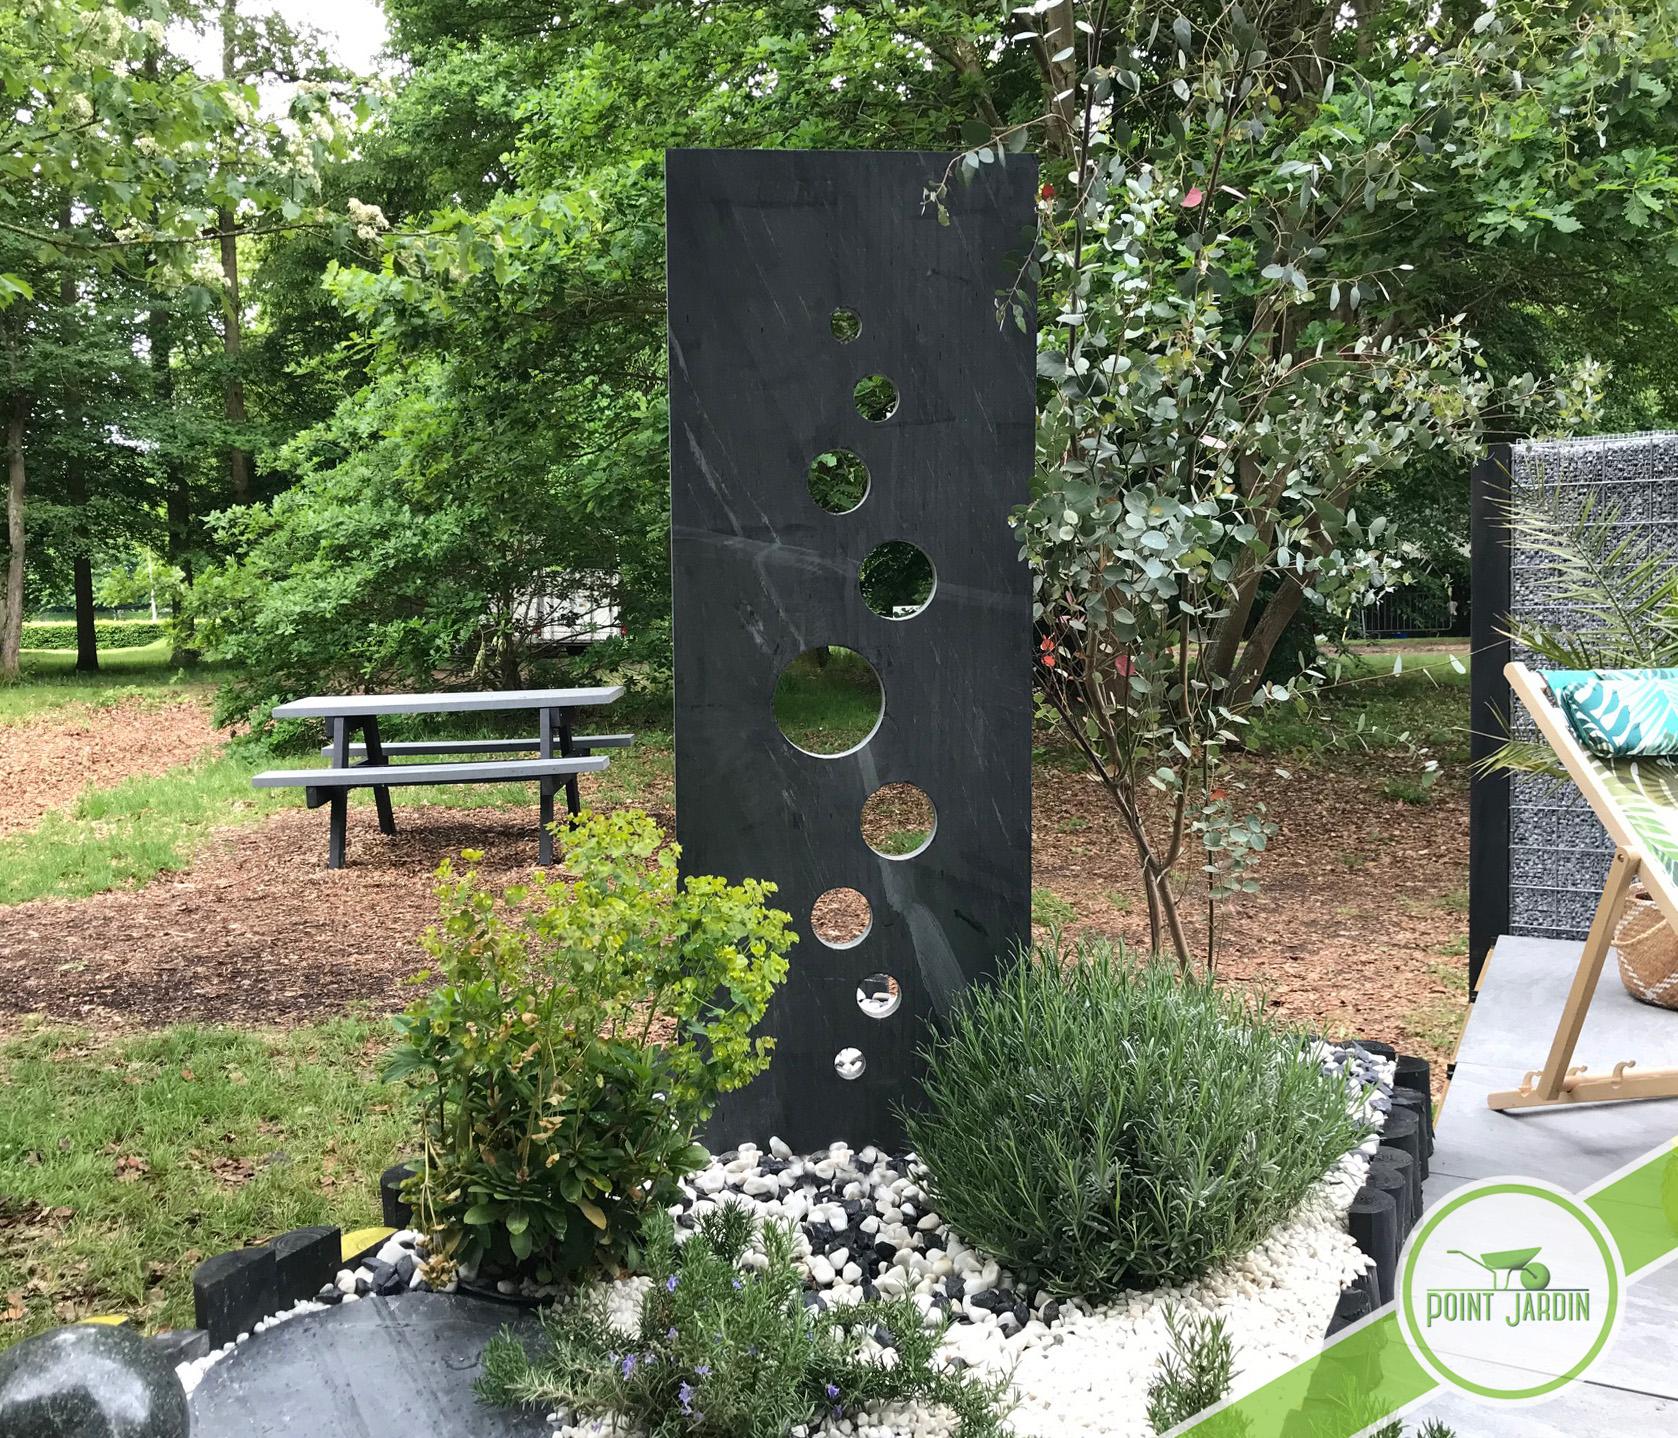 Dalle-Bubble-Ardoise - Point Jardin encequiconcerne Idee Deco Jardin Avec Ardoise